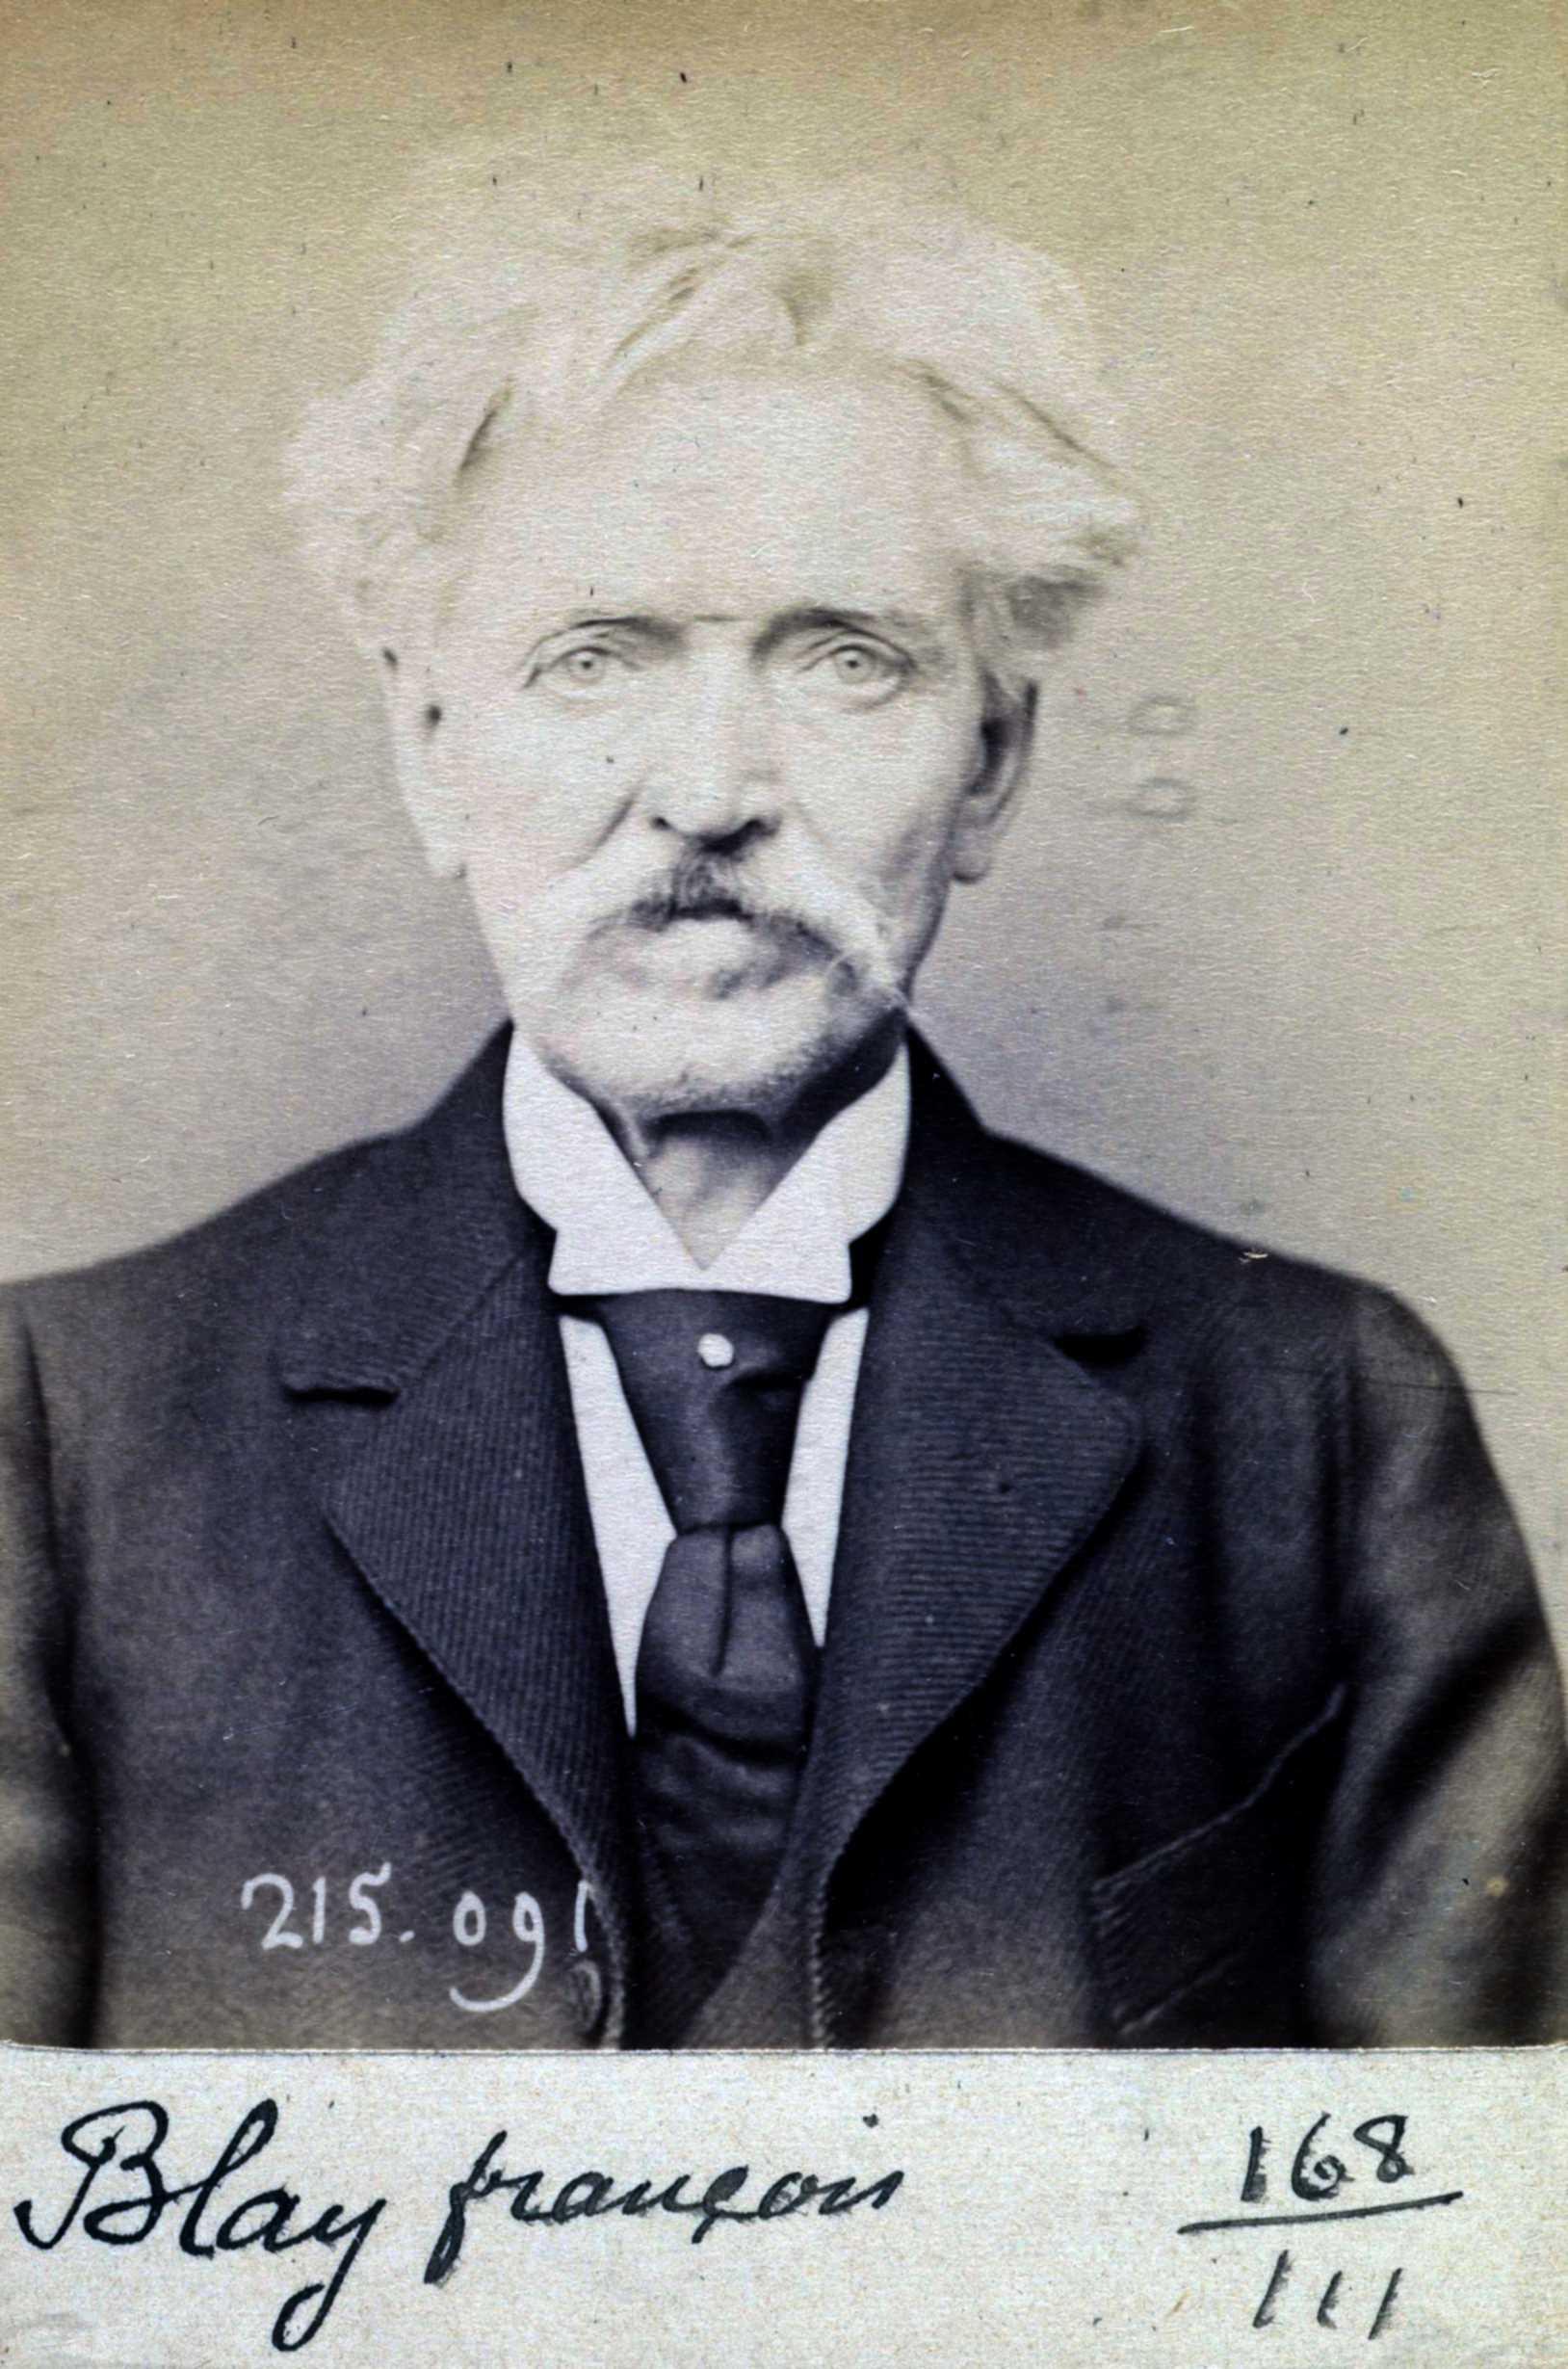 Foto policíaca de François Blay (4 de març de 1894)